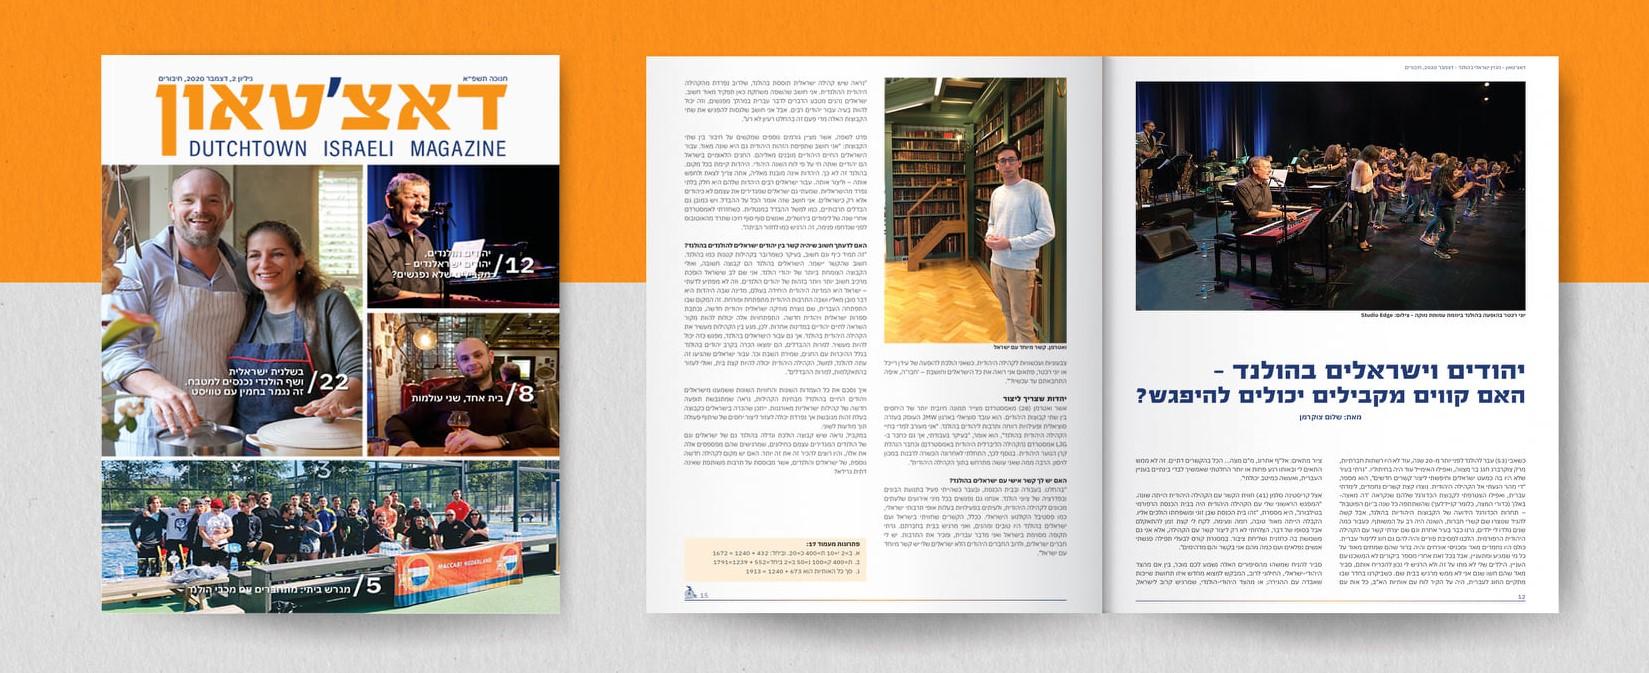 המגזין השני במהדורה המודפסת של דאצ׳טאון, יצא לאור. המגזין שעוסק בחיבורים בין קהילות, בהולנד, וכתוב בעברית והולנדית, הופק בתמיכת מרור, במגזין כתבות מרתקות על הקהילה הישראלית והיהודית בהולנד והחיבורים בינהן.  מעונינים בעותק? כתבו לנו: dutchtownmagazine@gmail.com או שלחו צרו קשר  אזורי חלוקה: אמסטרדם | אמסטלפיין | אאודרקרק | אלסמיר | אוטרכט | ליידן | האג |איינדהובן | לאוברדן | מאסטריכט * במידה ואינכם נמצאים באזור החלוקה אפשר לקבל עותק בעלות דמי משלוח בדואר.